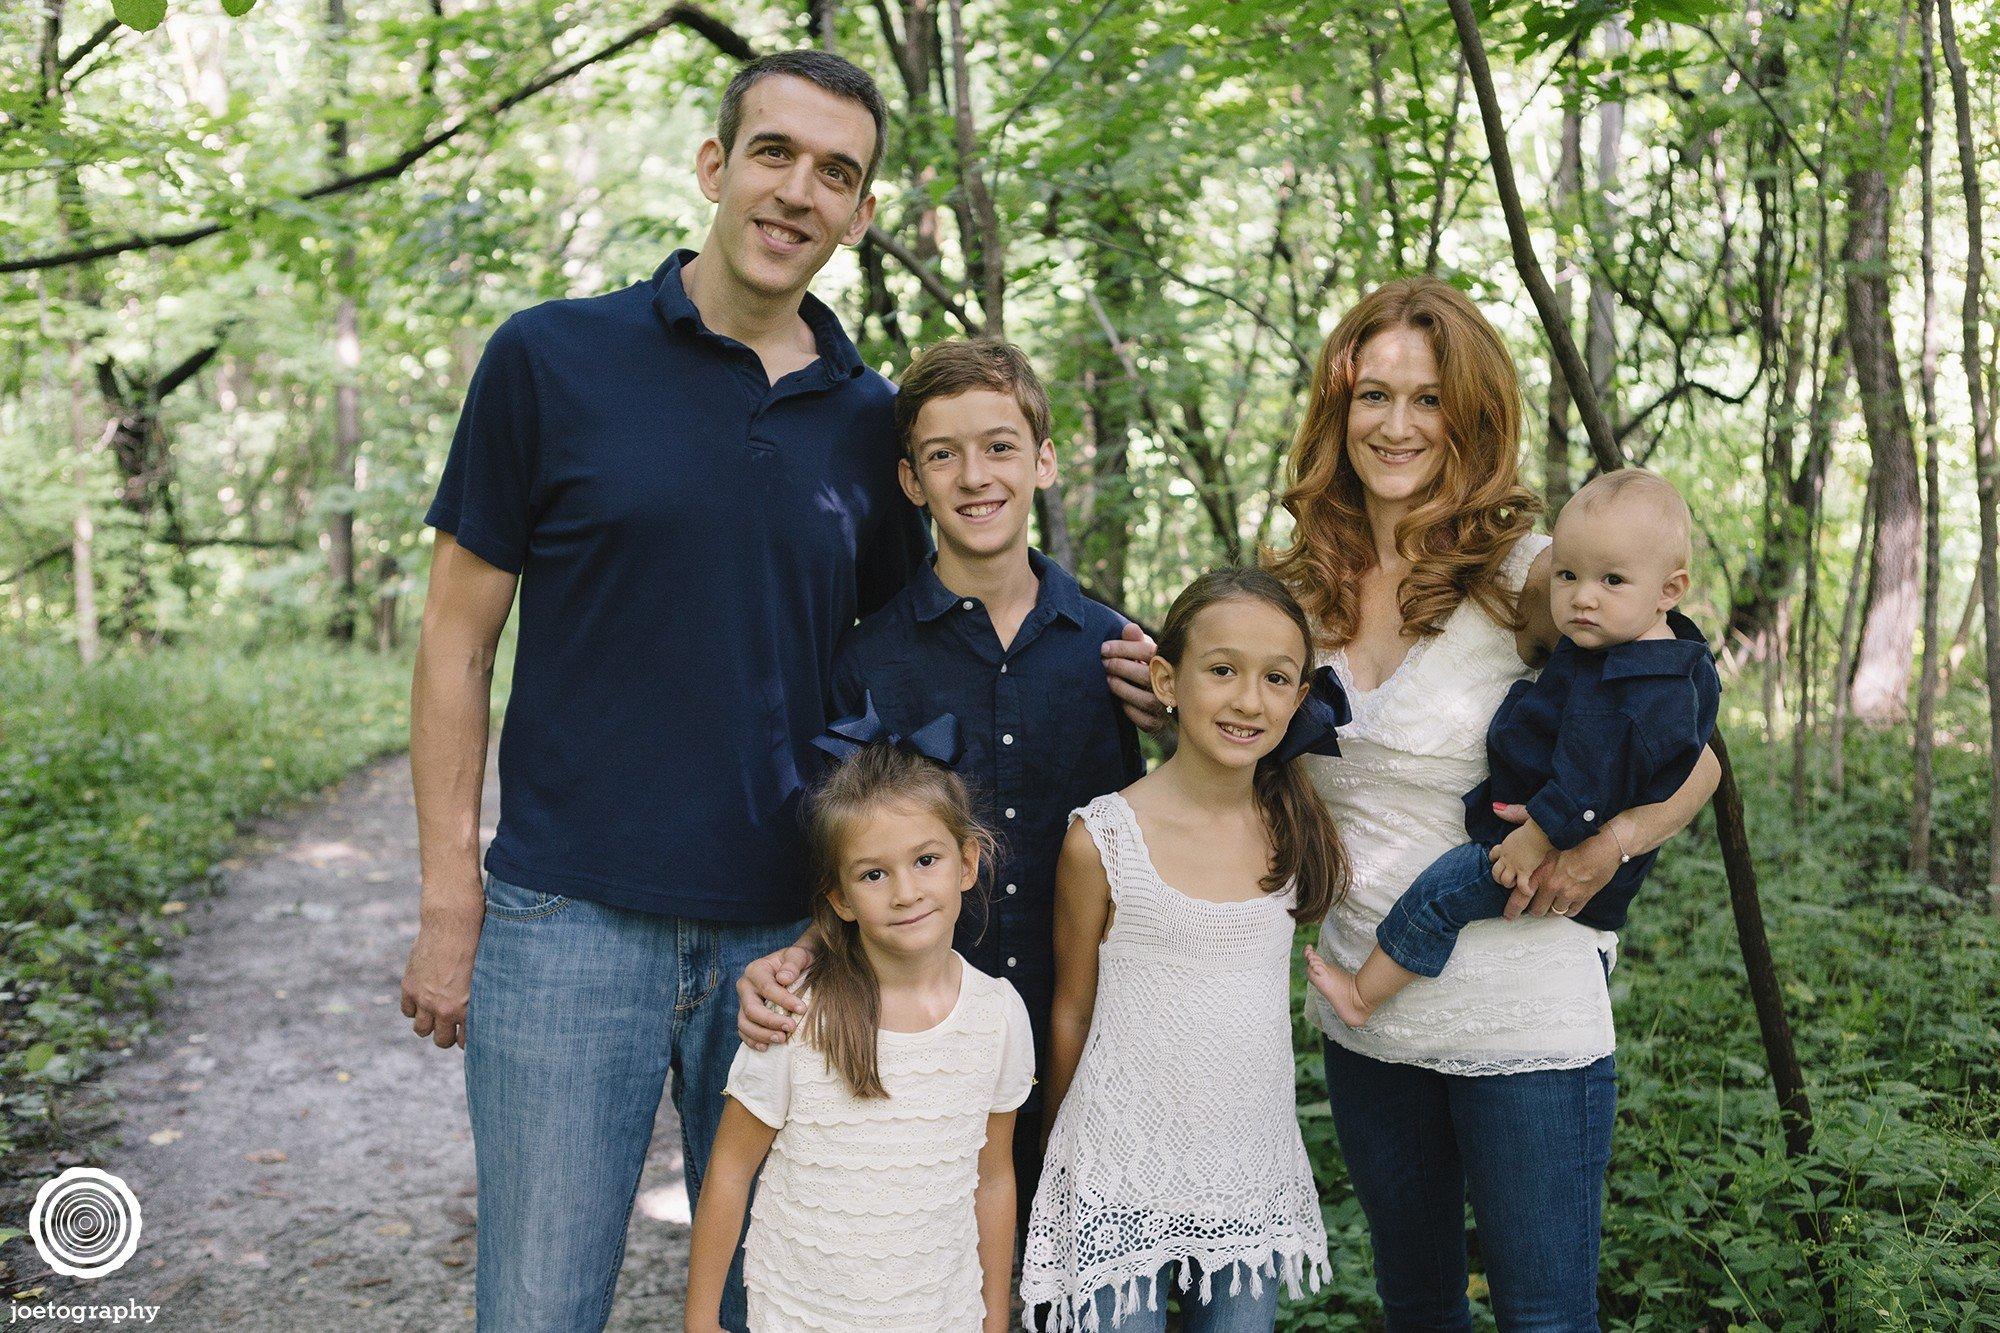 Murtaugh Family Photos | Fishers, Indiana - 1